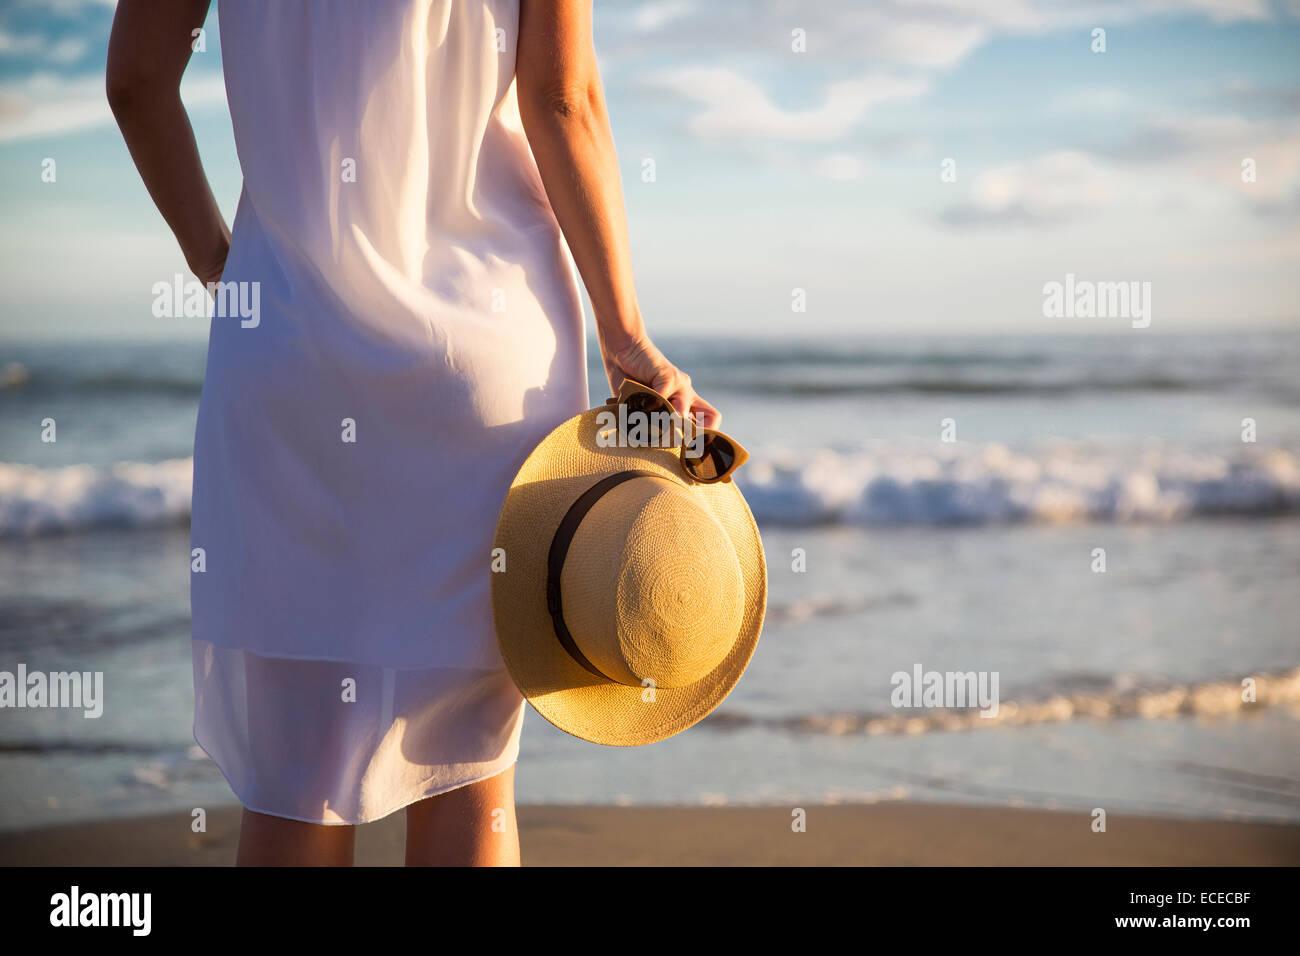 Rückansicht der Frau im weißen Kleid am Strand stehen und halten Hut Stockbild